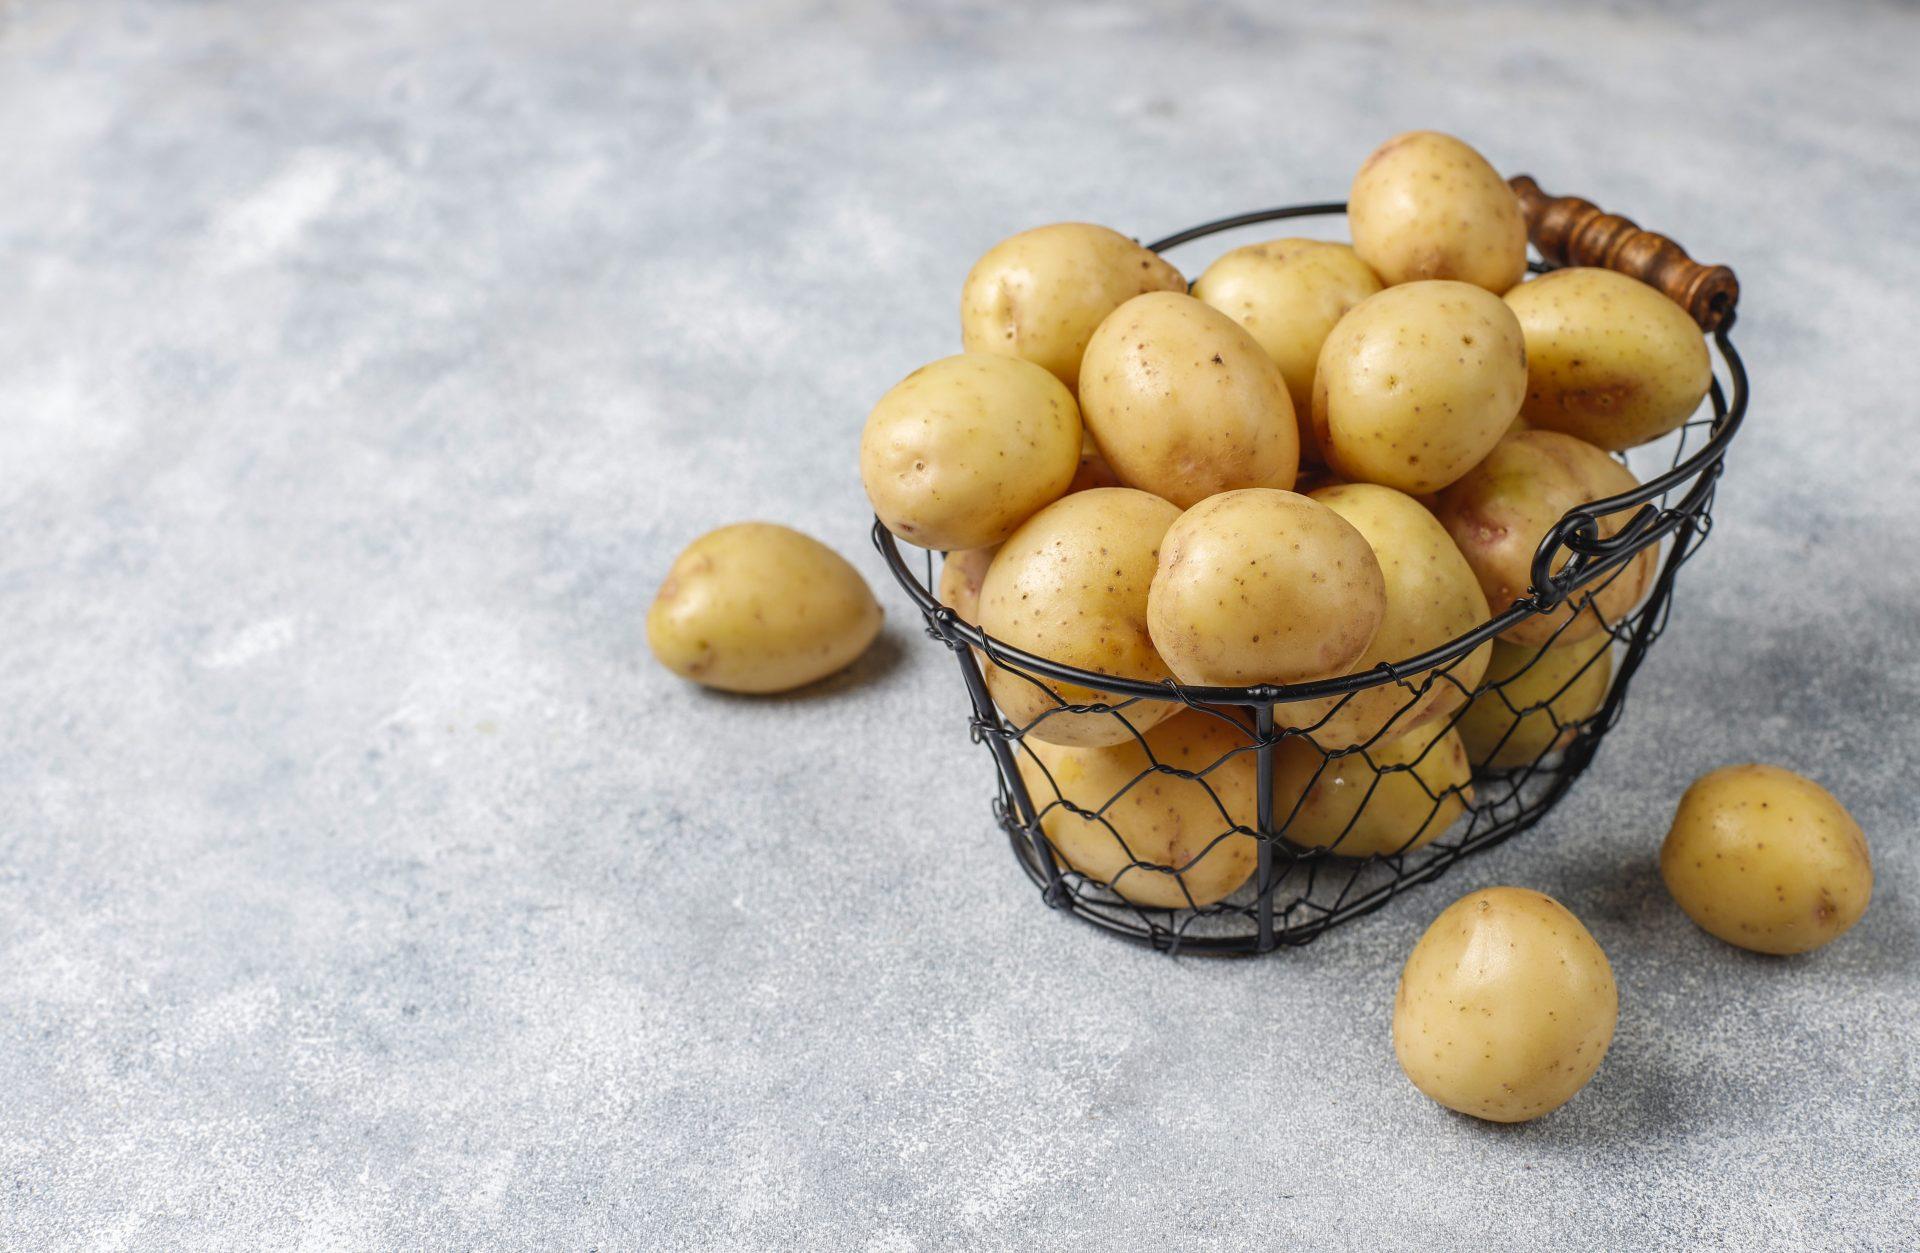 mengapa-kentang-baik-untuk-diet